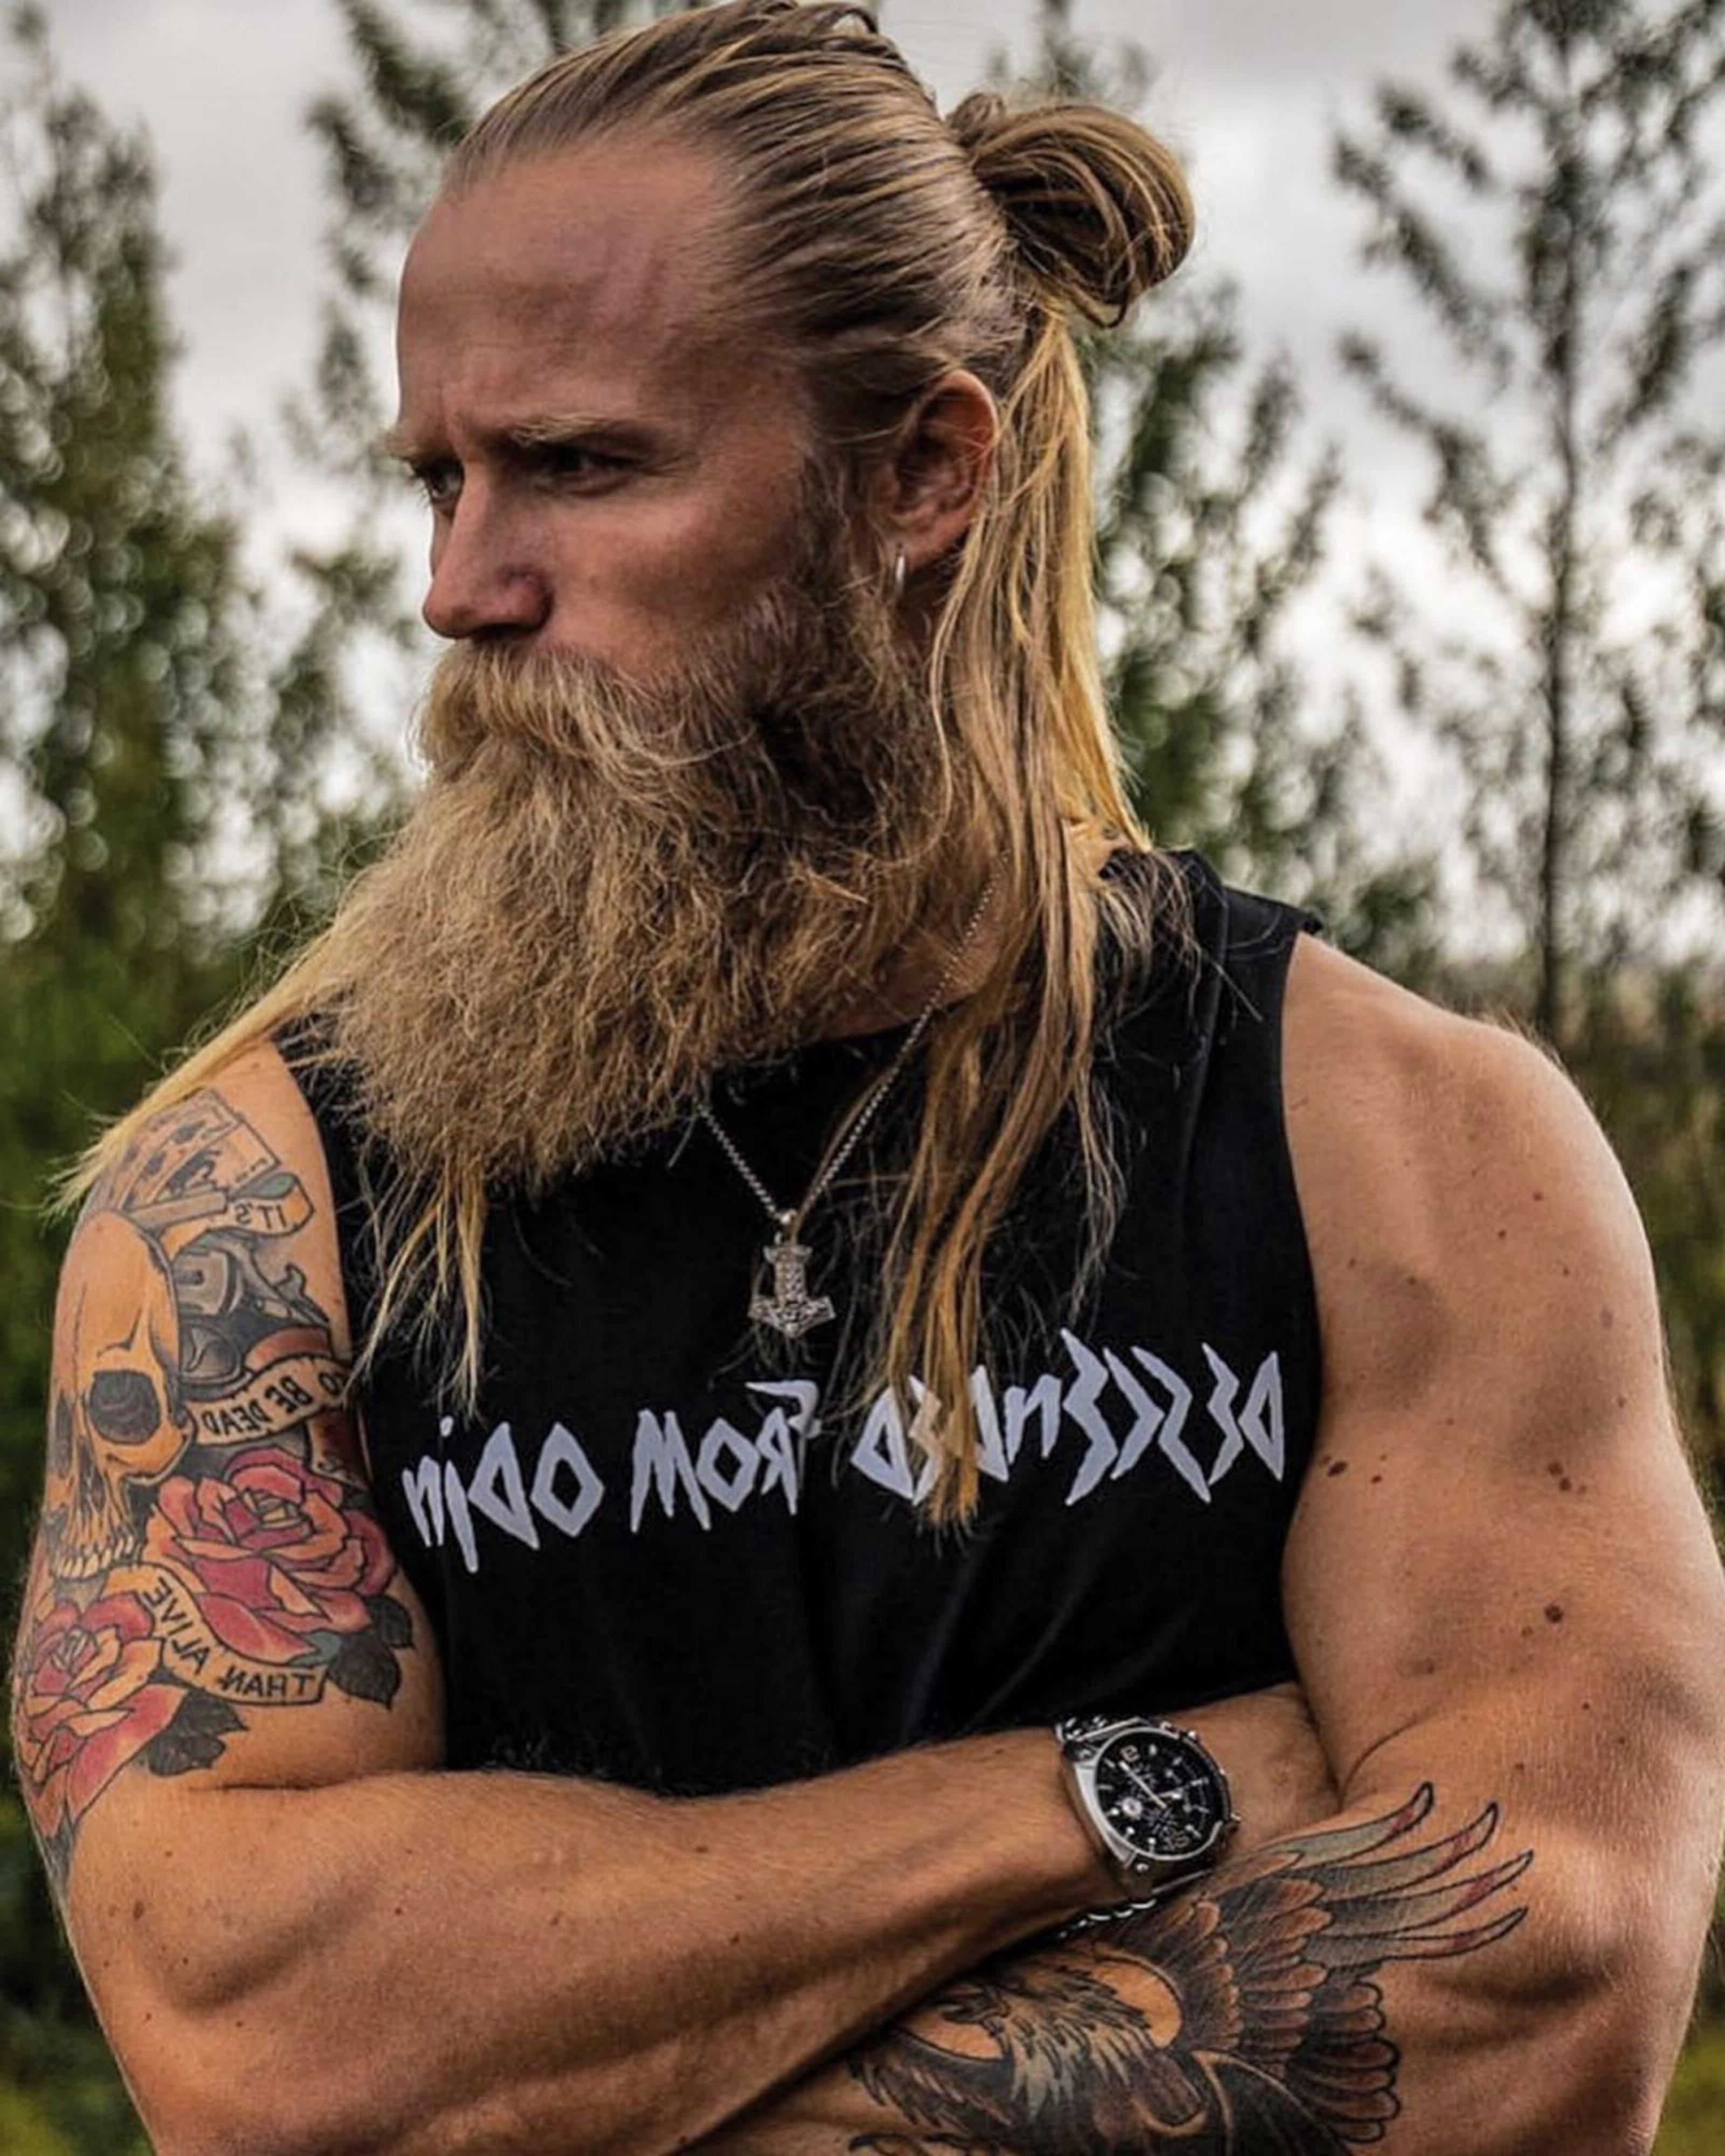 A lengthy hair style with a long beard.